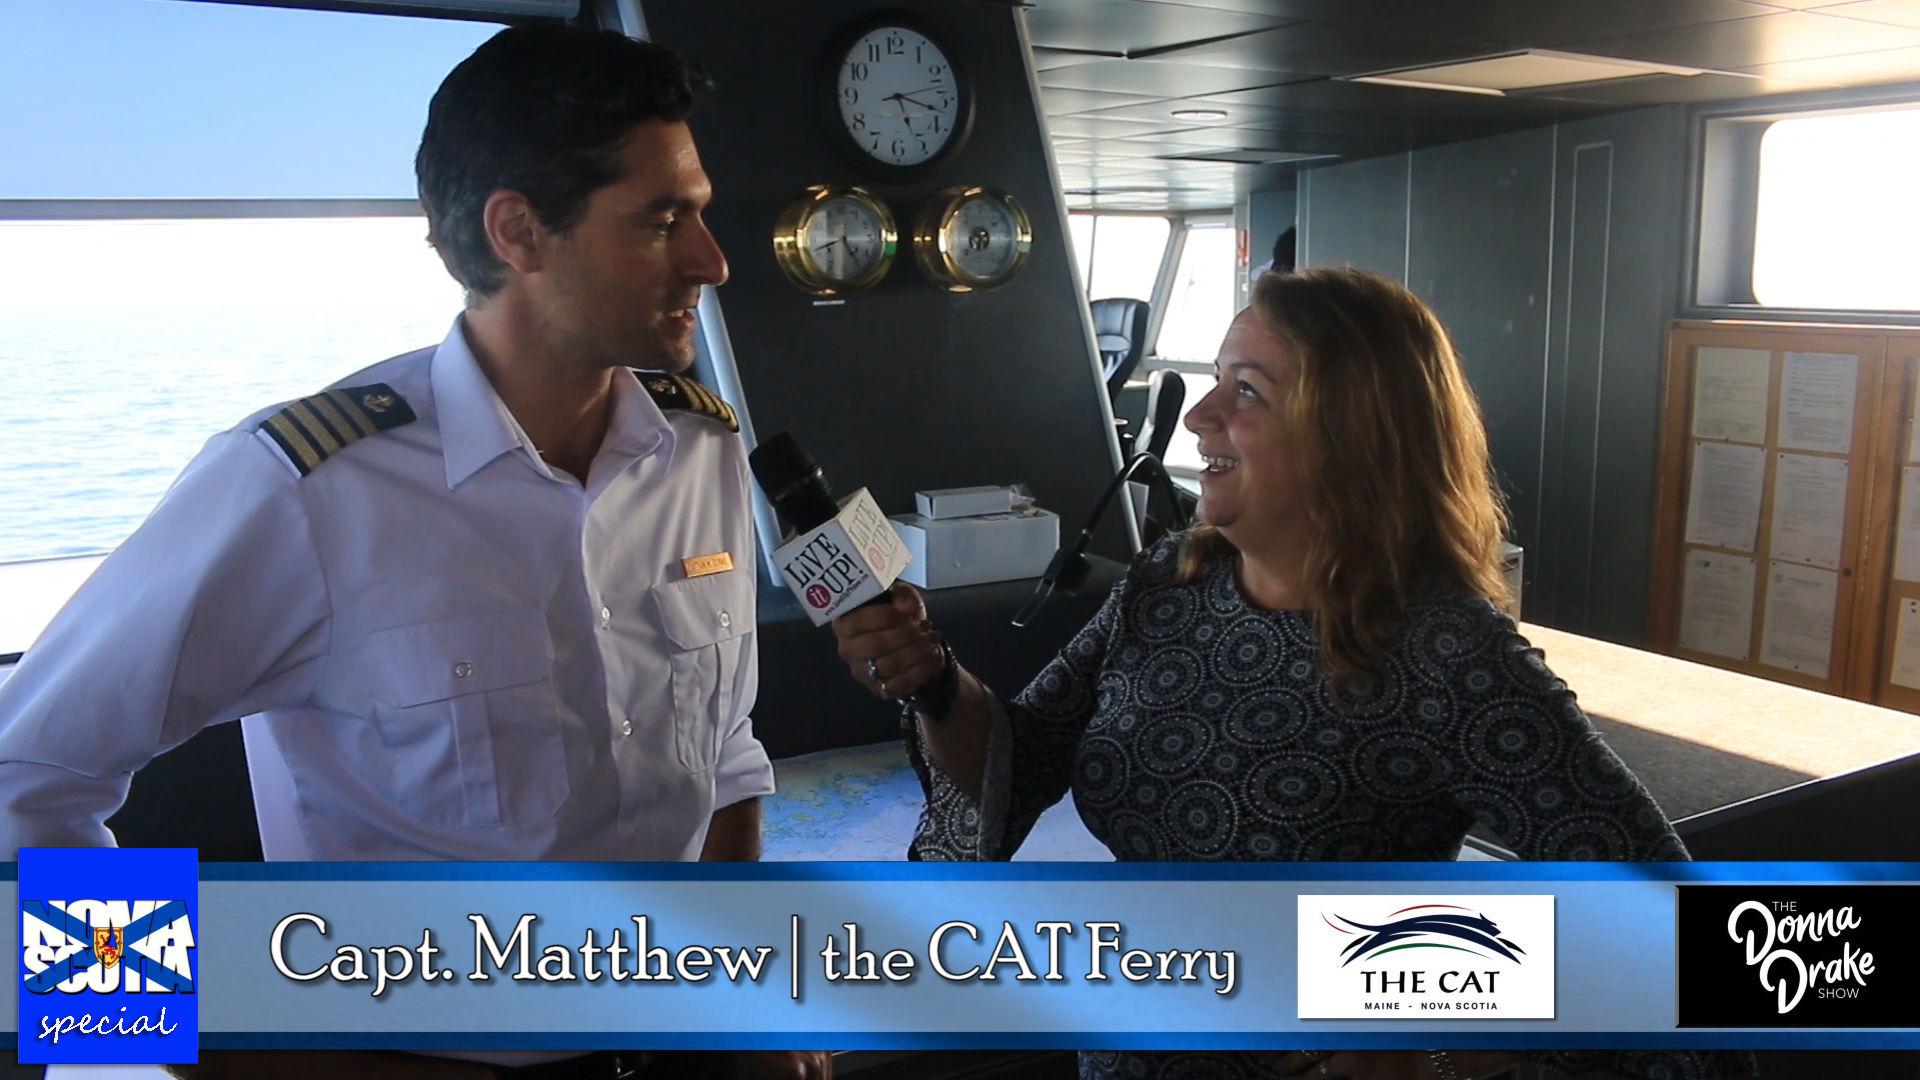 NOVA SCOTIA Travel Special - The CAT Ferry: Portland to Nova Scotia